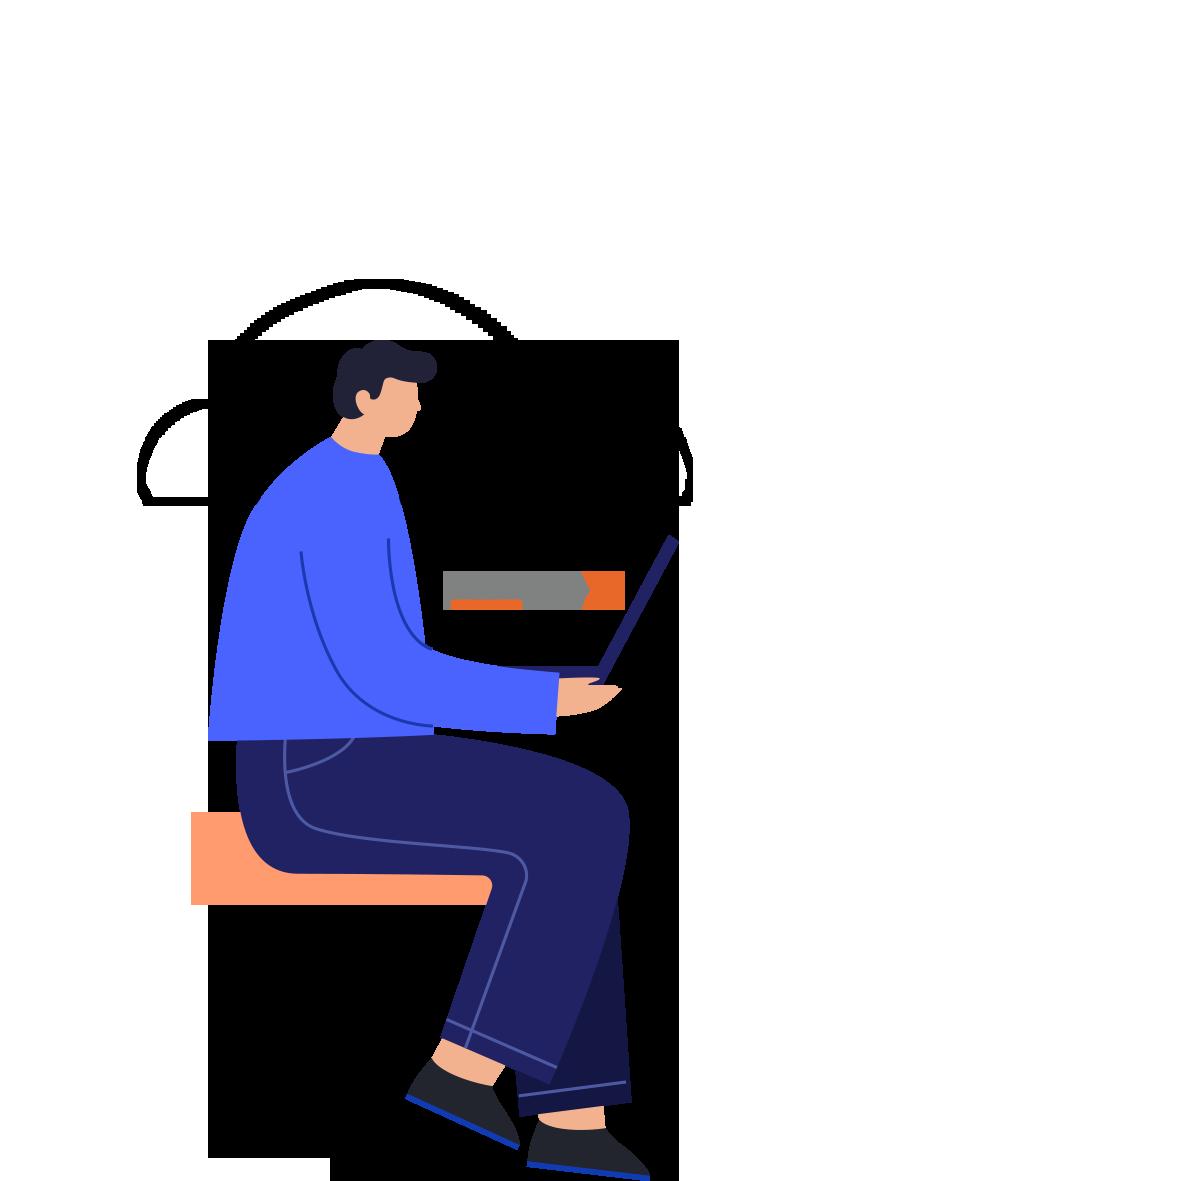 ذخیره داده های مشتری به روش نرم افزار CRM